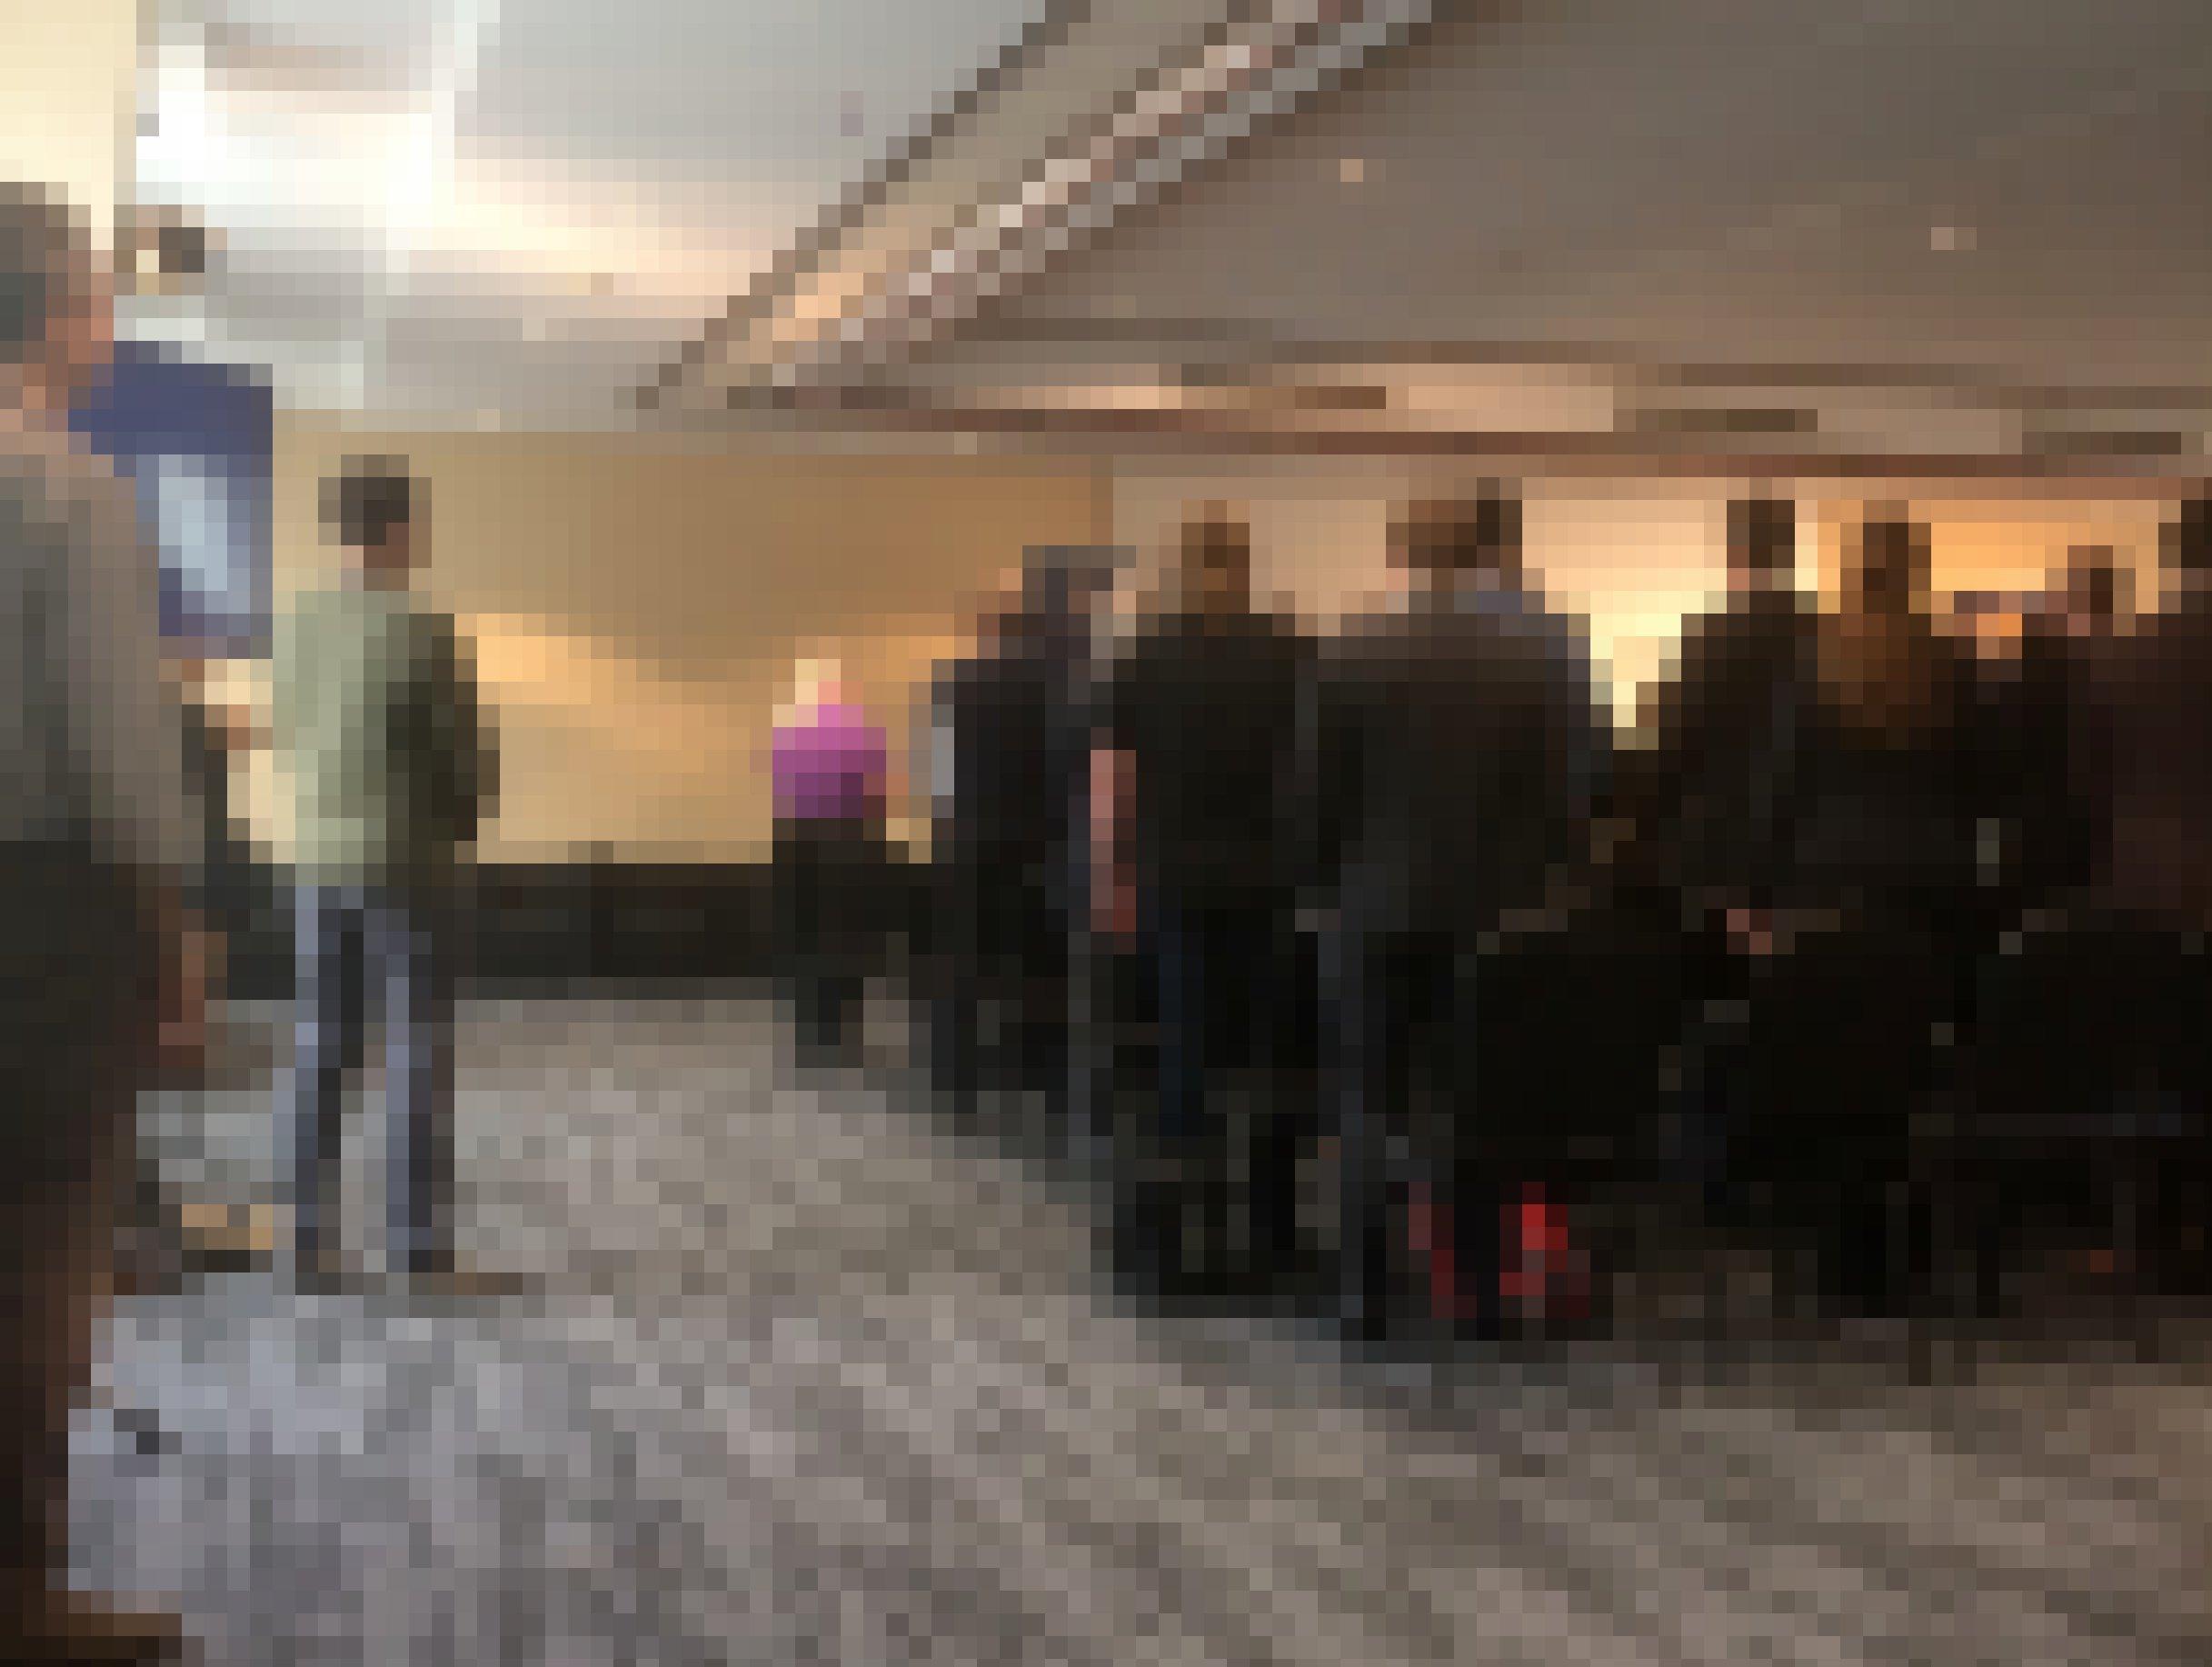 Blick von hinten in einen Konferenzraum: Alle Menschen sind aufgestanden. Nicht sichtbar ist eine Bühne, auf der zu einer Preisverleihung gerade die Nationalhymne von Asgardia eingespielt wird.